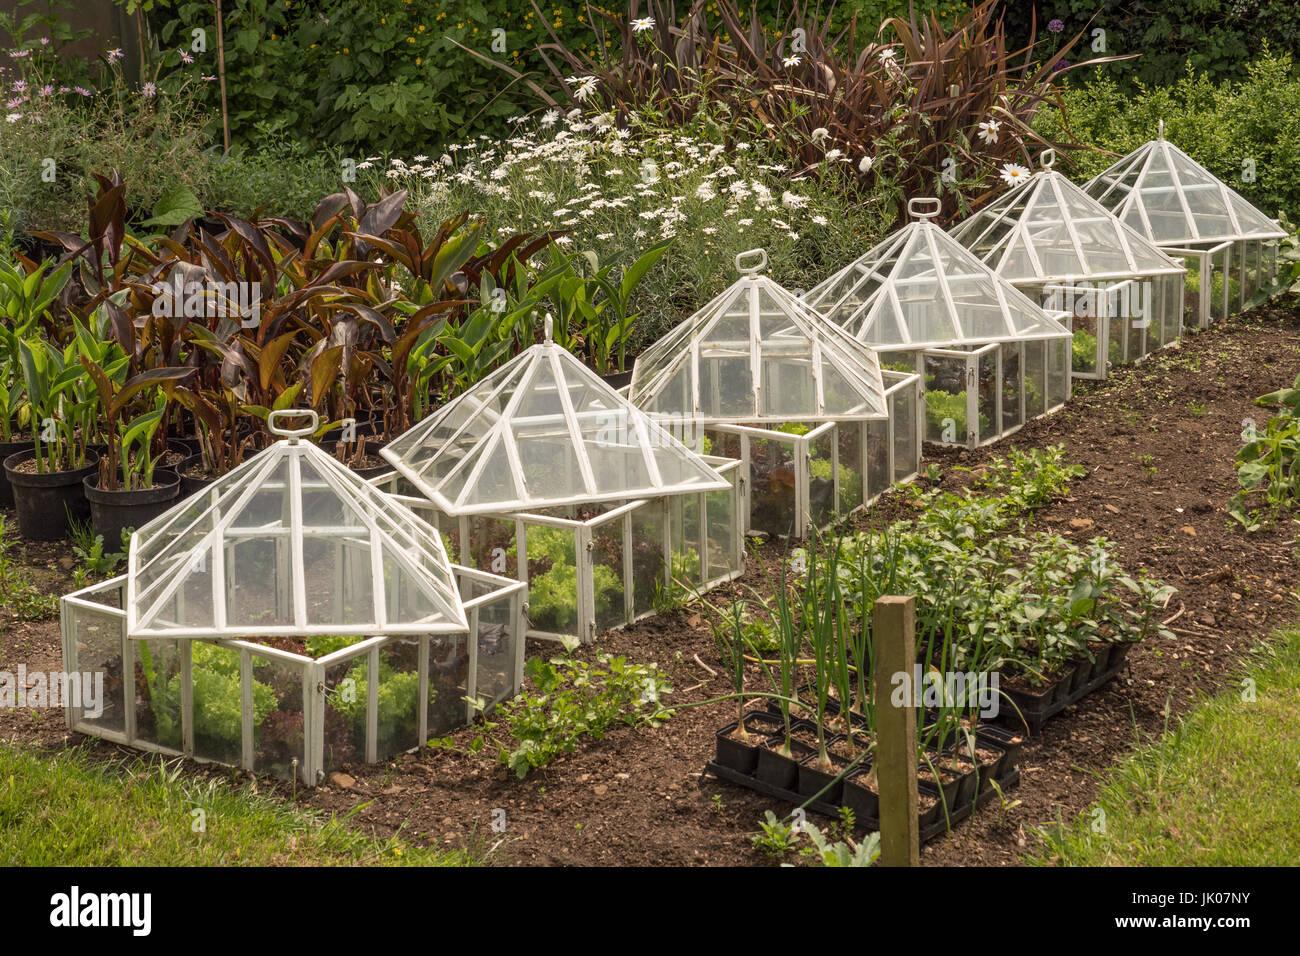 Vieux Jardin Cloches De Verre Elegant Banque D Images Photo